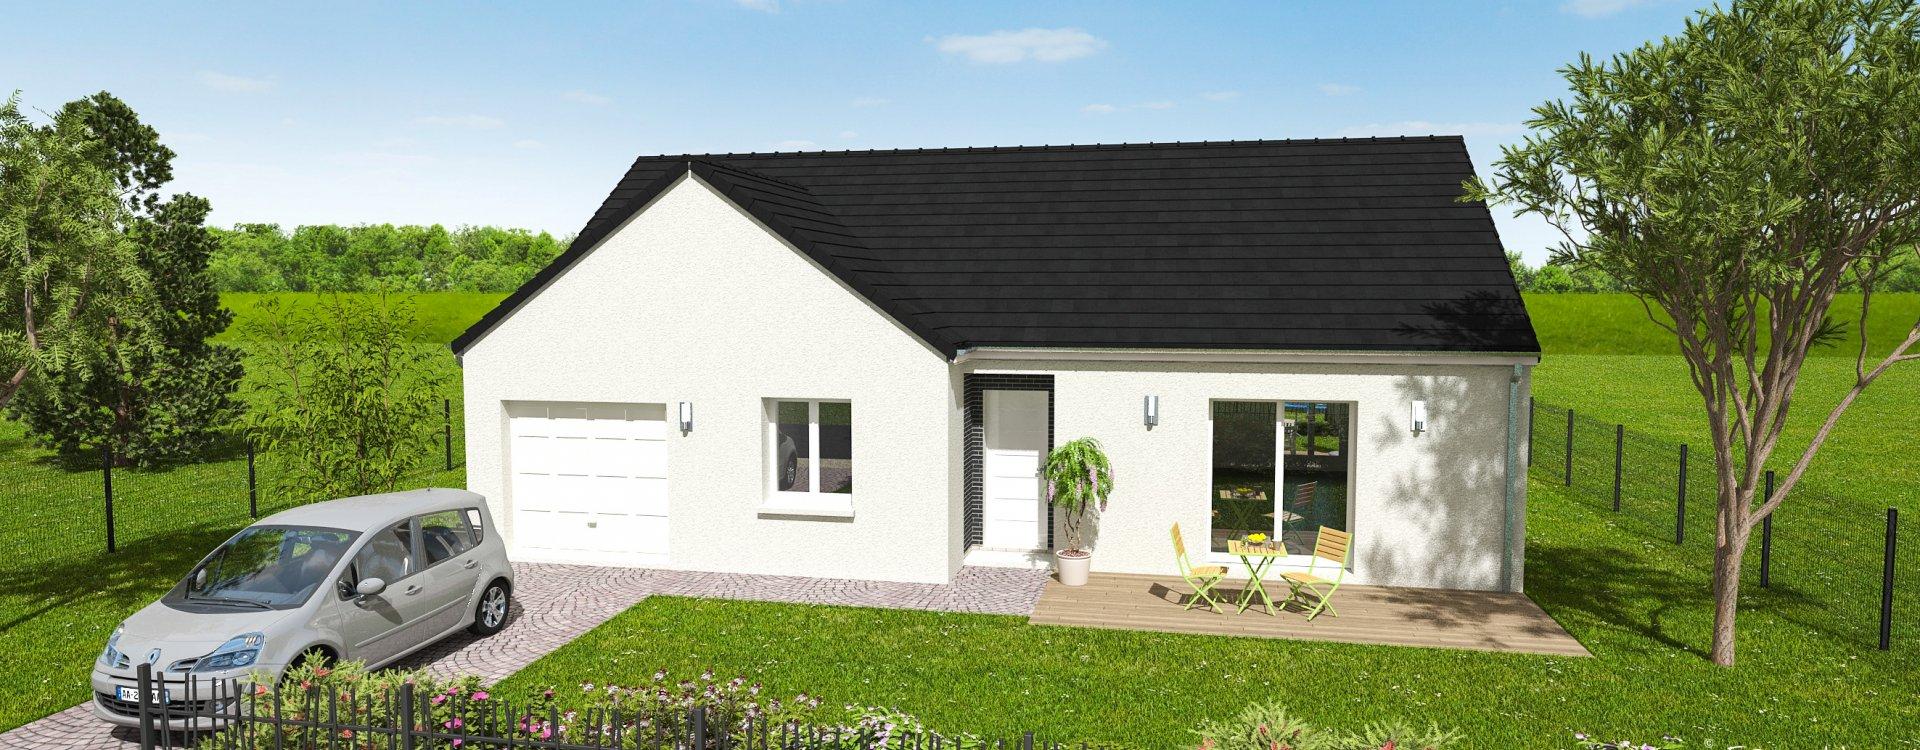 Maisons + Terrains du constructeur EASY HOUSE • 90 m² • HUISSEAU SUR MAUVES